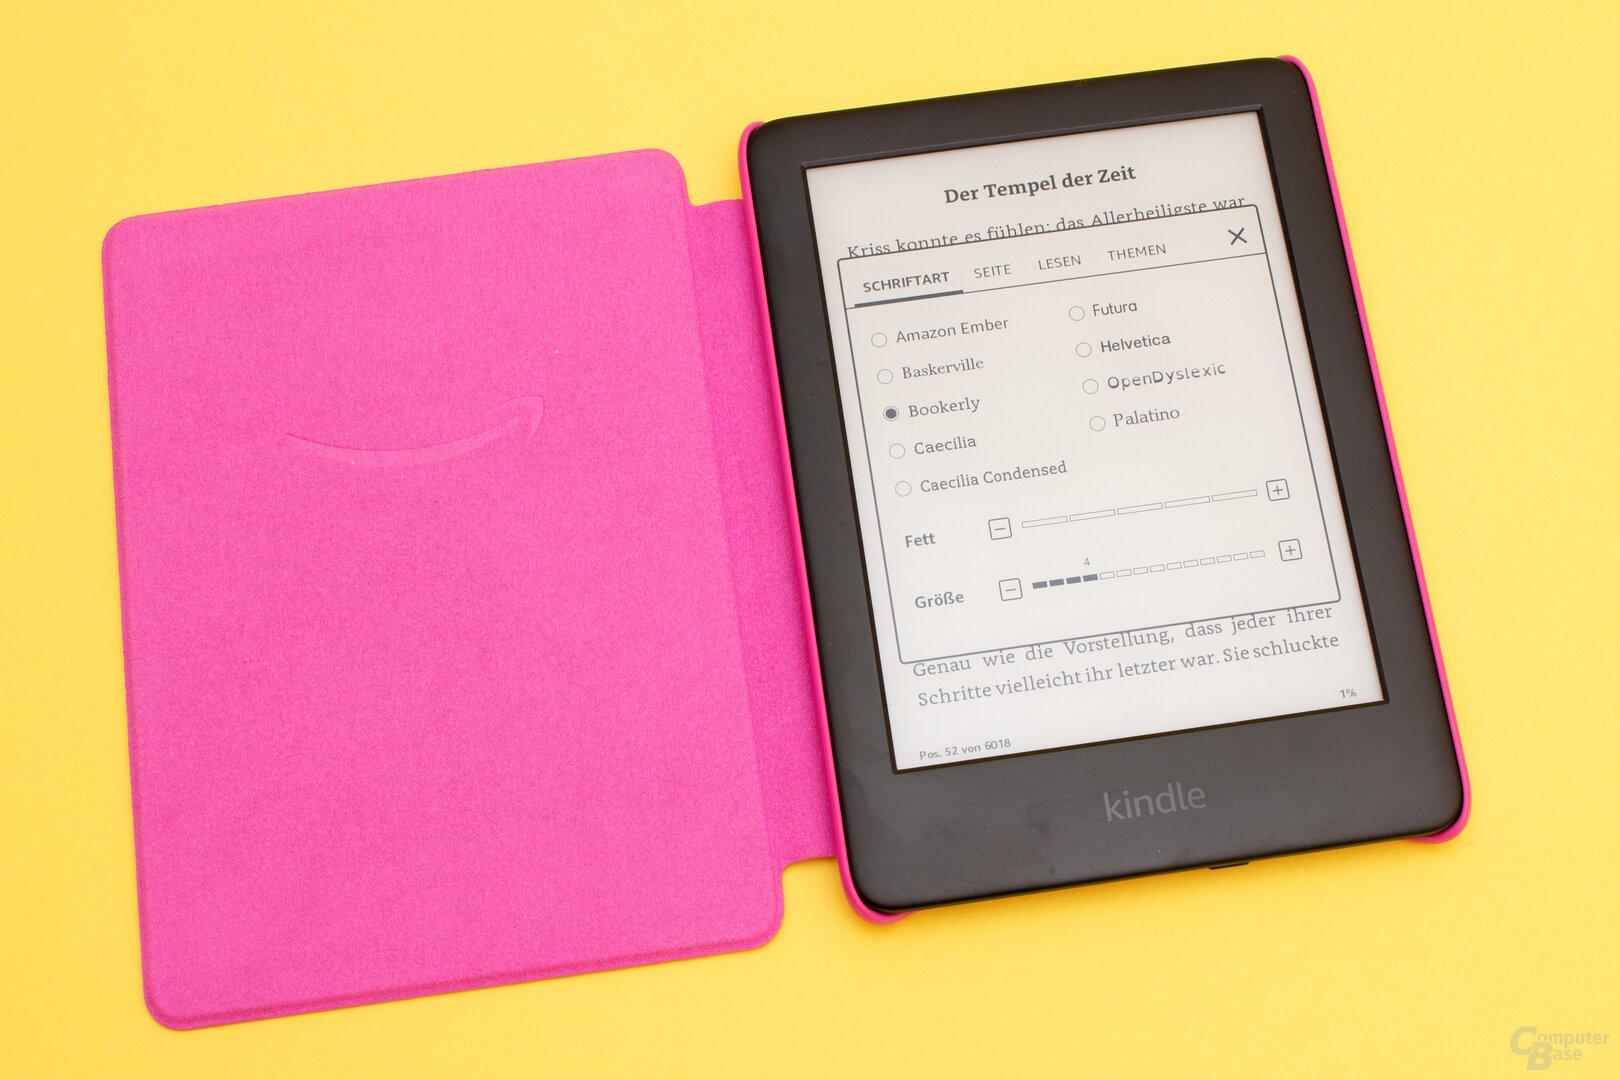 Die Leseeinstellungen sind bei der Kids Edition identisch zum normalen Kindle